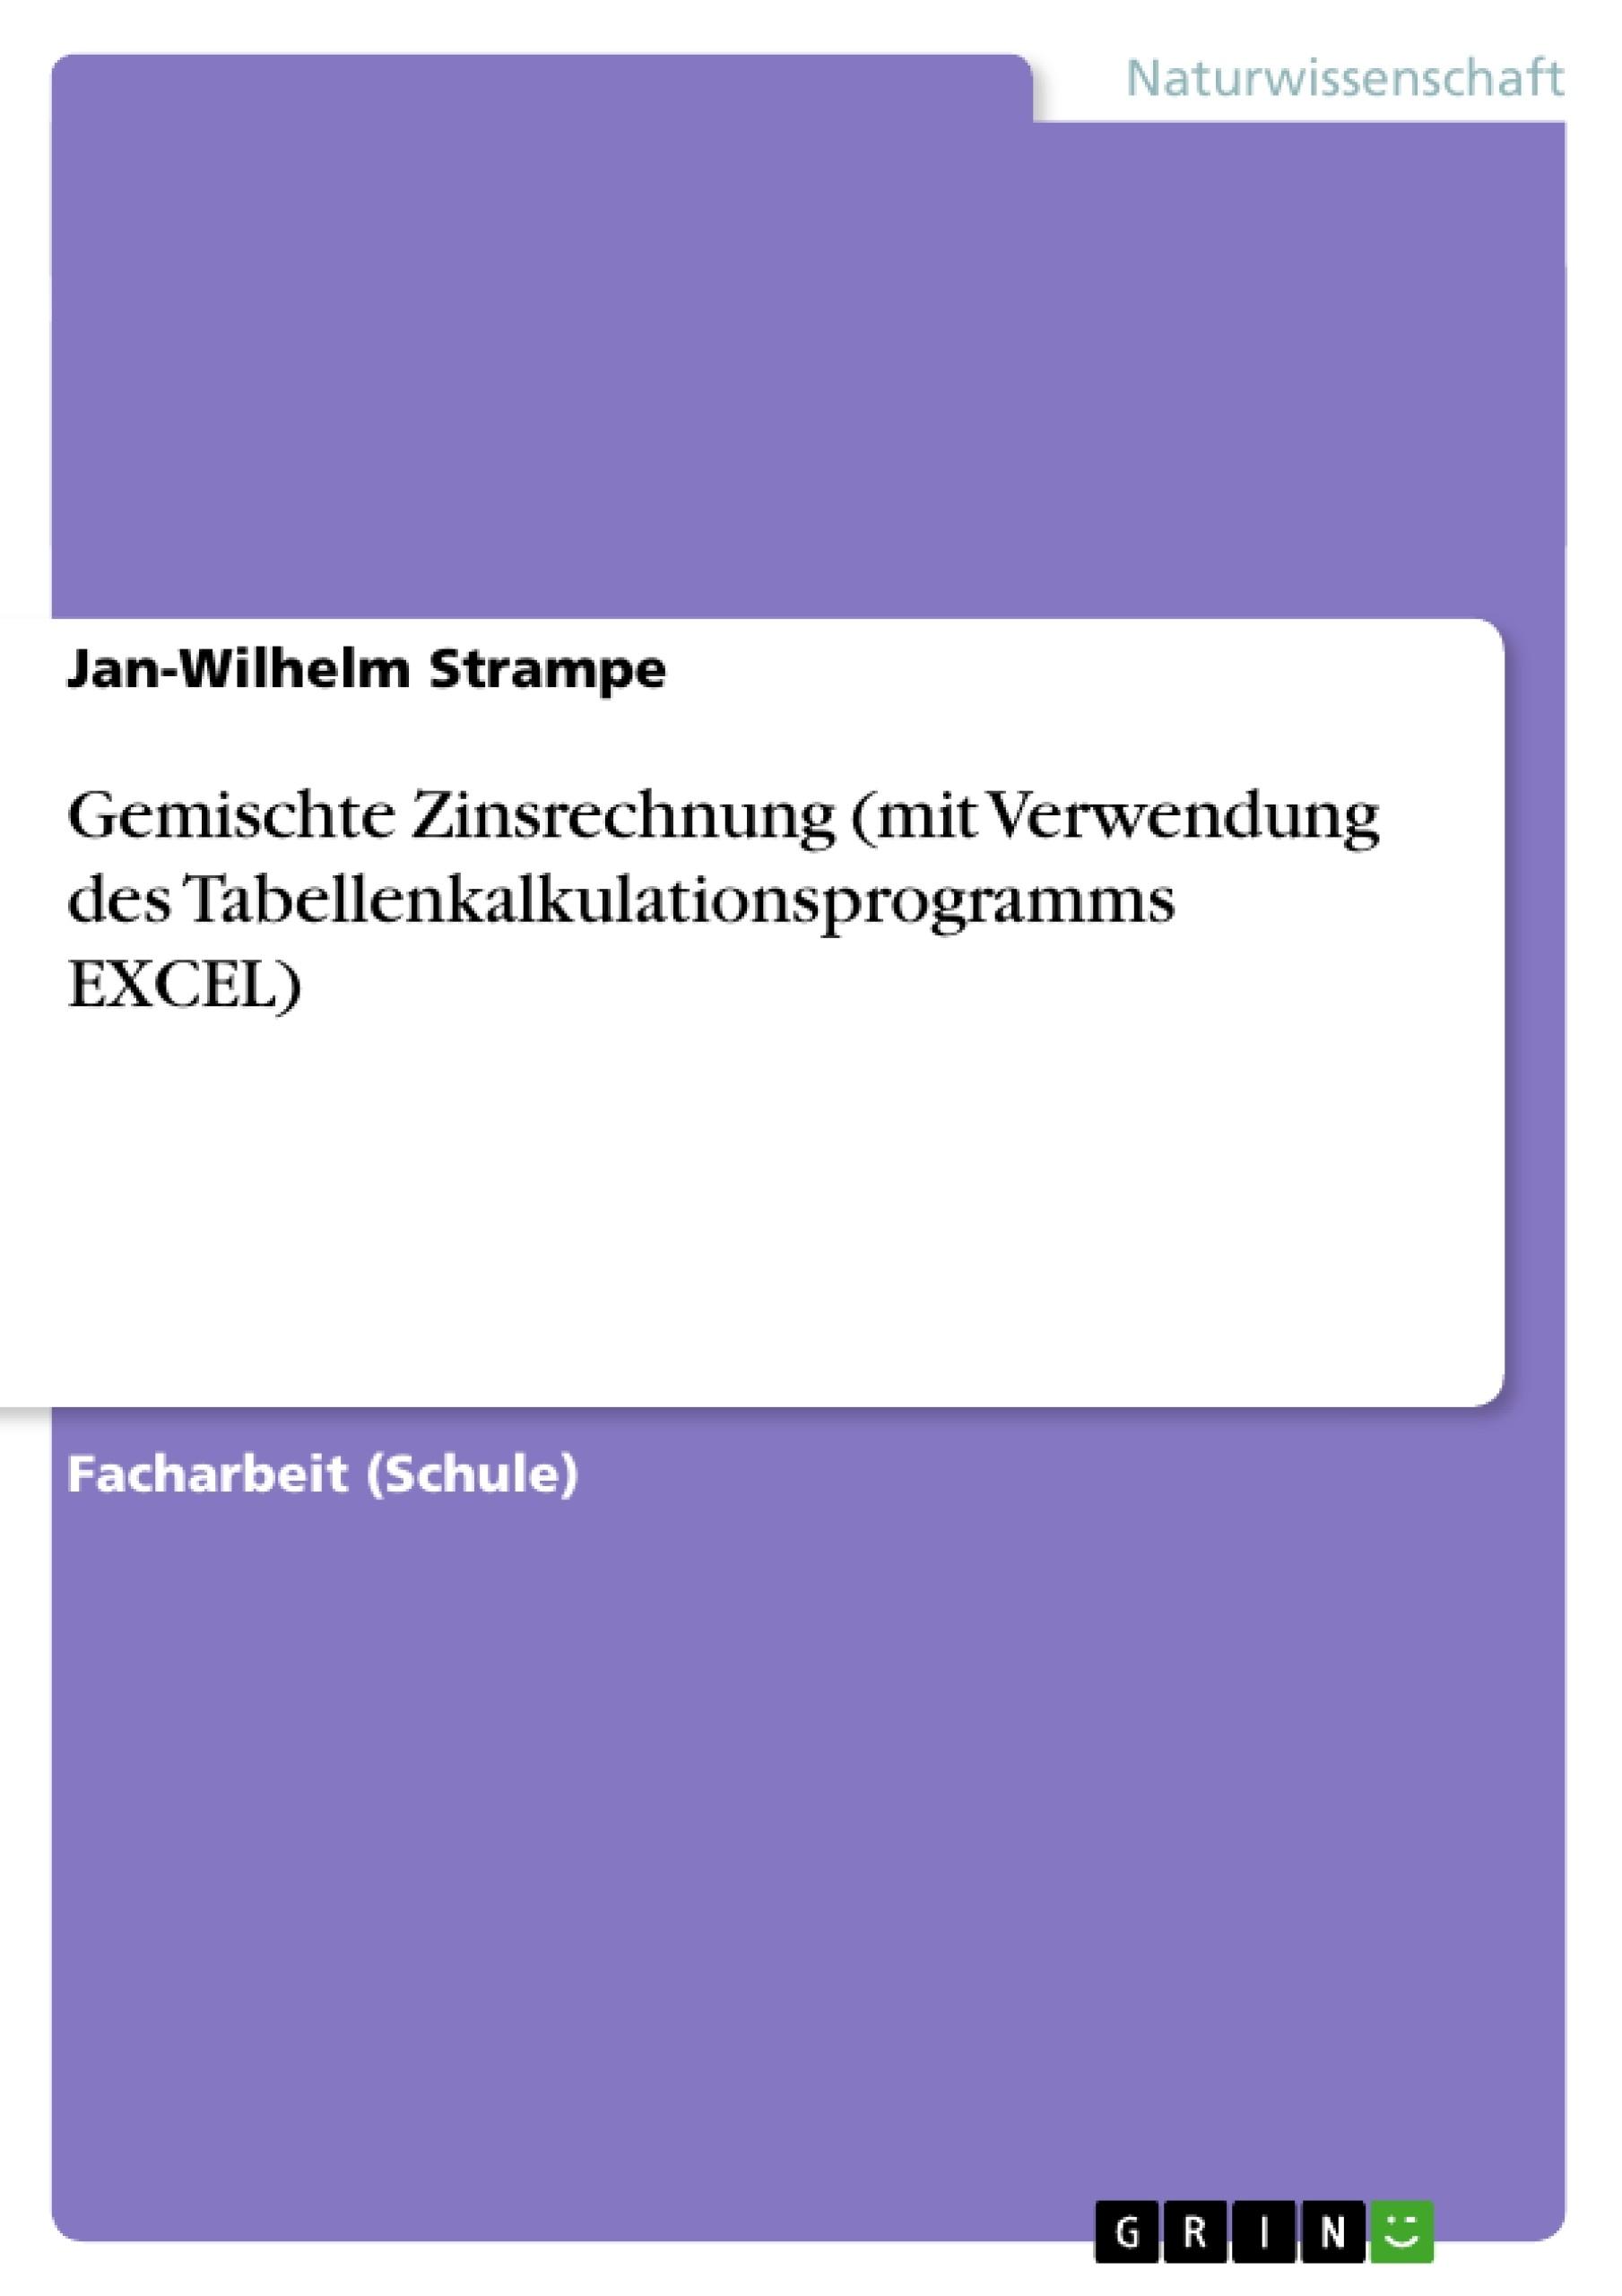 Titel: Gemischte Zinsrechnung (mit Verwendung des Tabellenkalkulationsprogramms EXCEL)